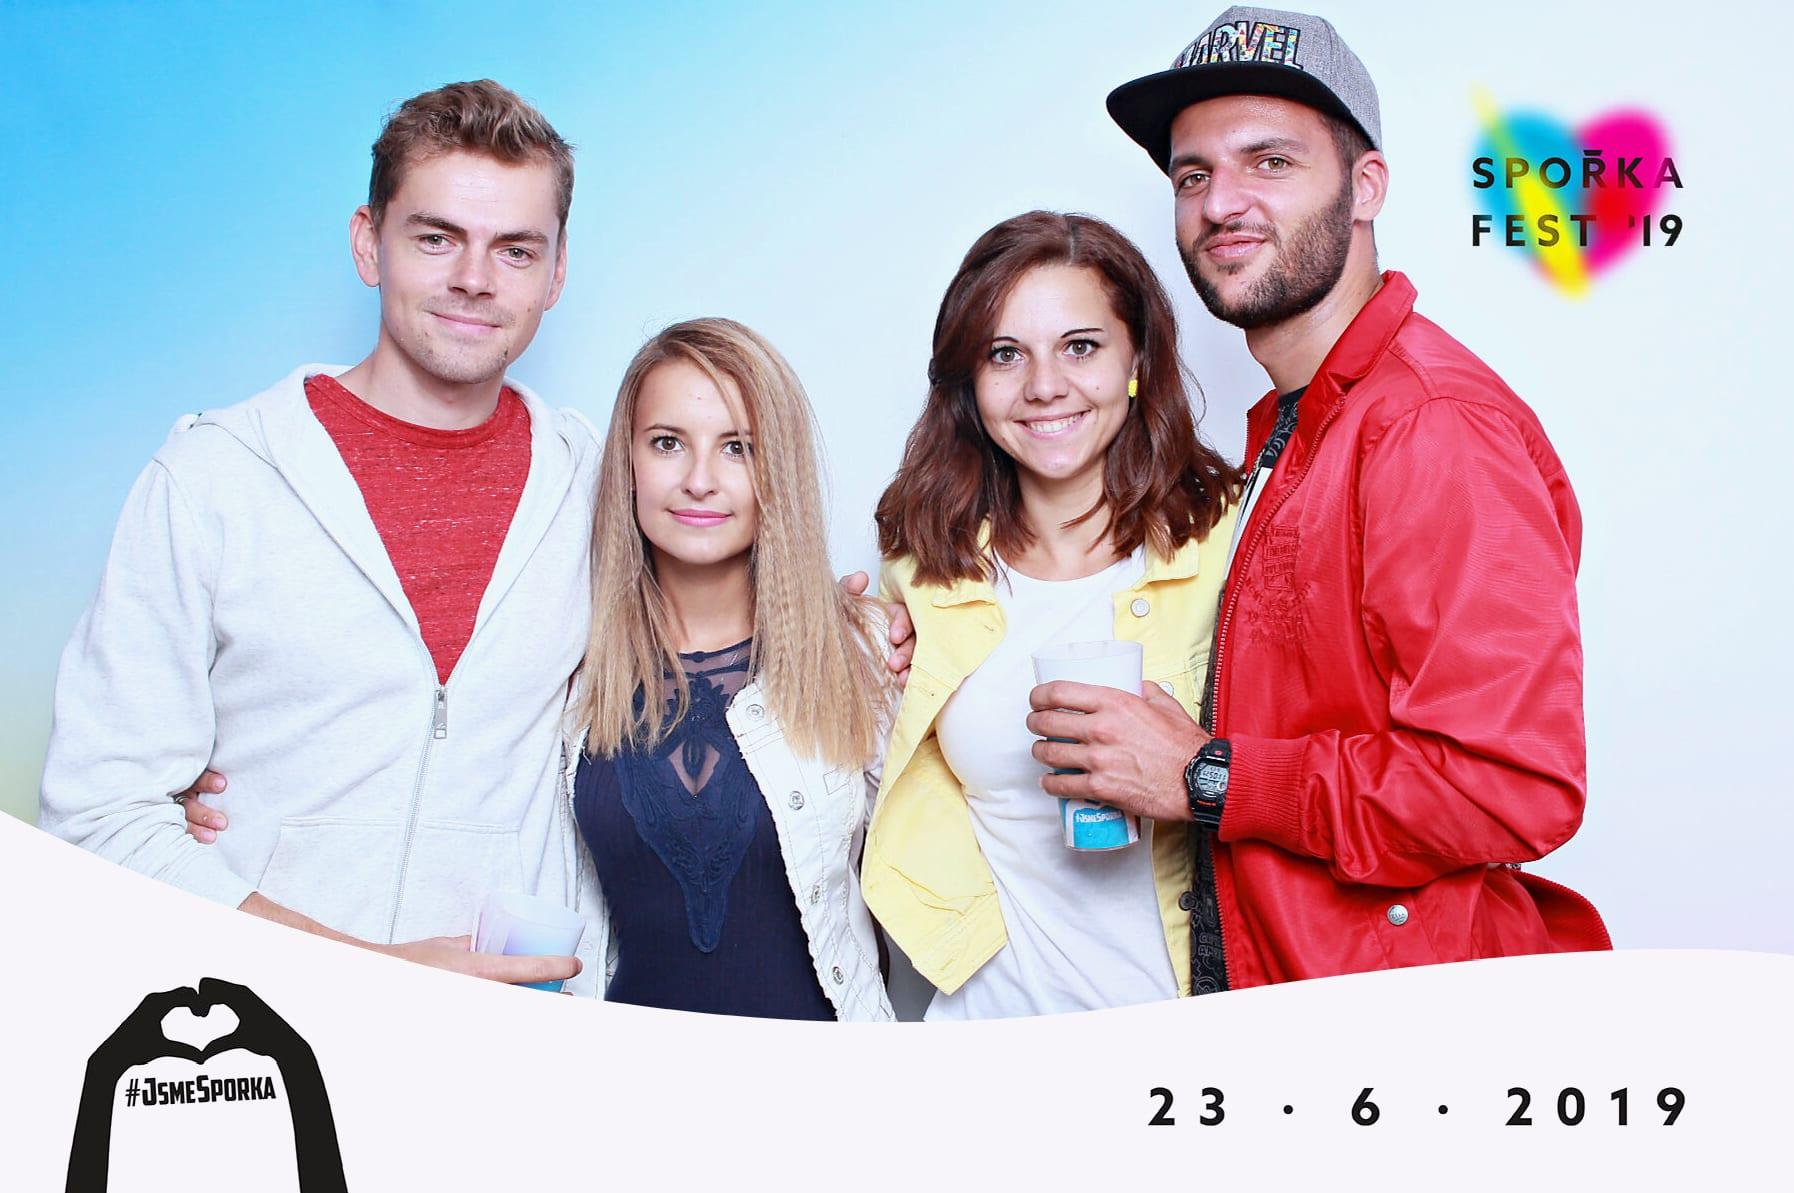 fotokoutek-festival-praha-sporka-fest-8-23-6-2019-637418